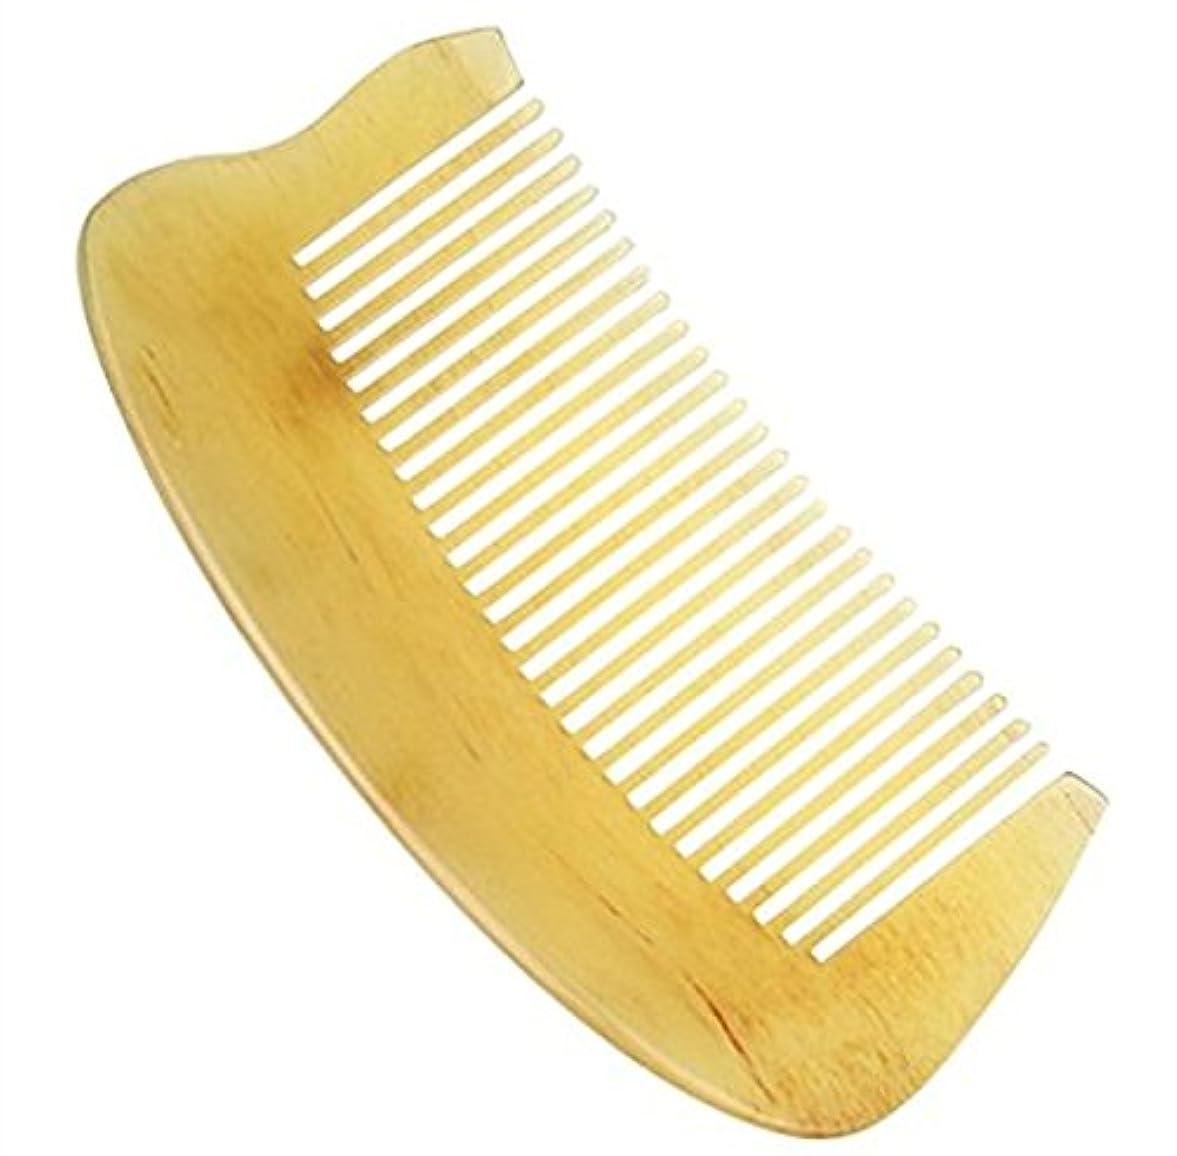 遺伝的シロナガスクジラ平凡櫛型 プロも使う羊角かっさプレート マサージ用 血行改善 高級 天然 静電気 防止 美髪